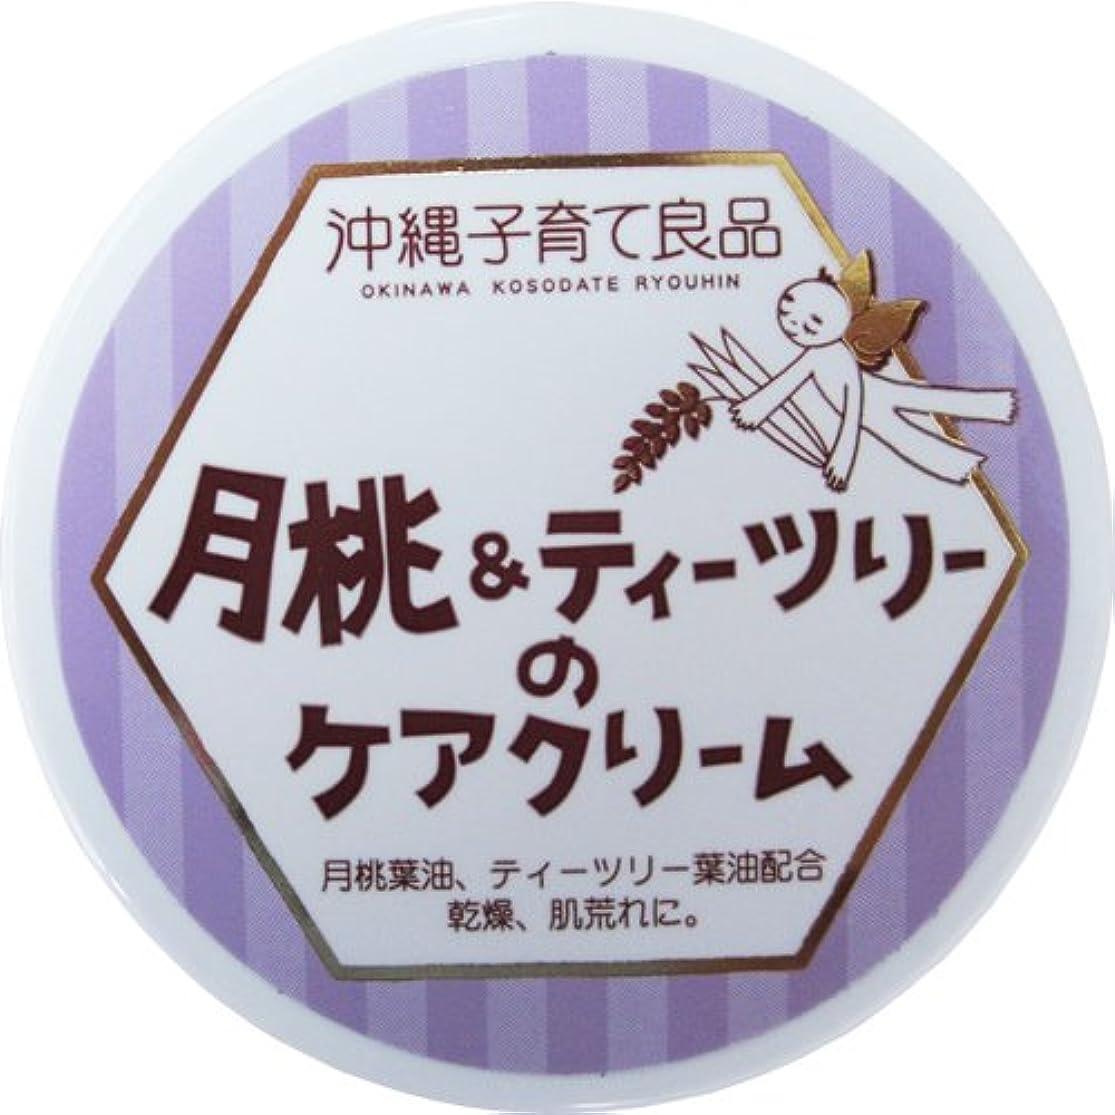 承認ネイティブランデブー沖縄子育て良品 月桃&ティツリーのケアクリーム (25g)